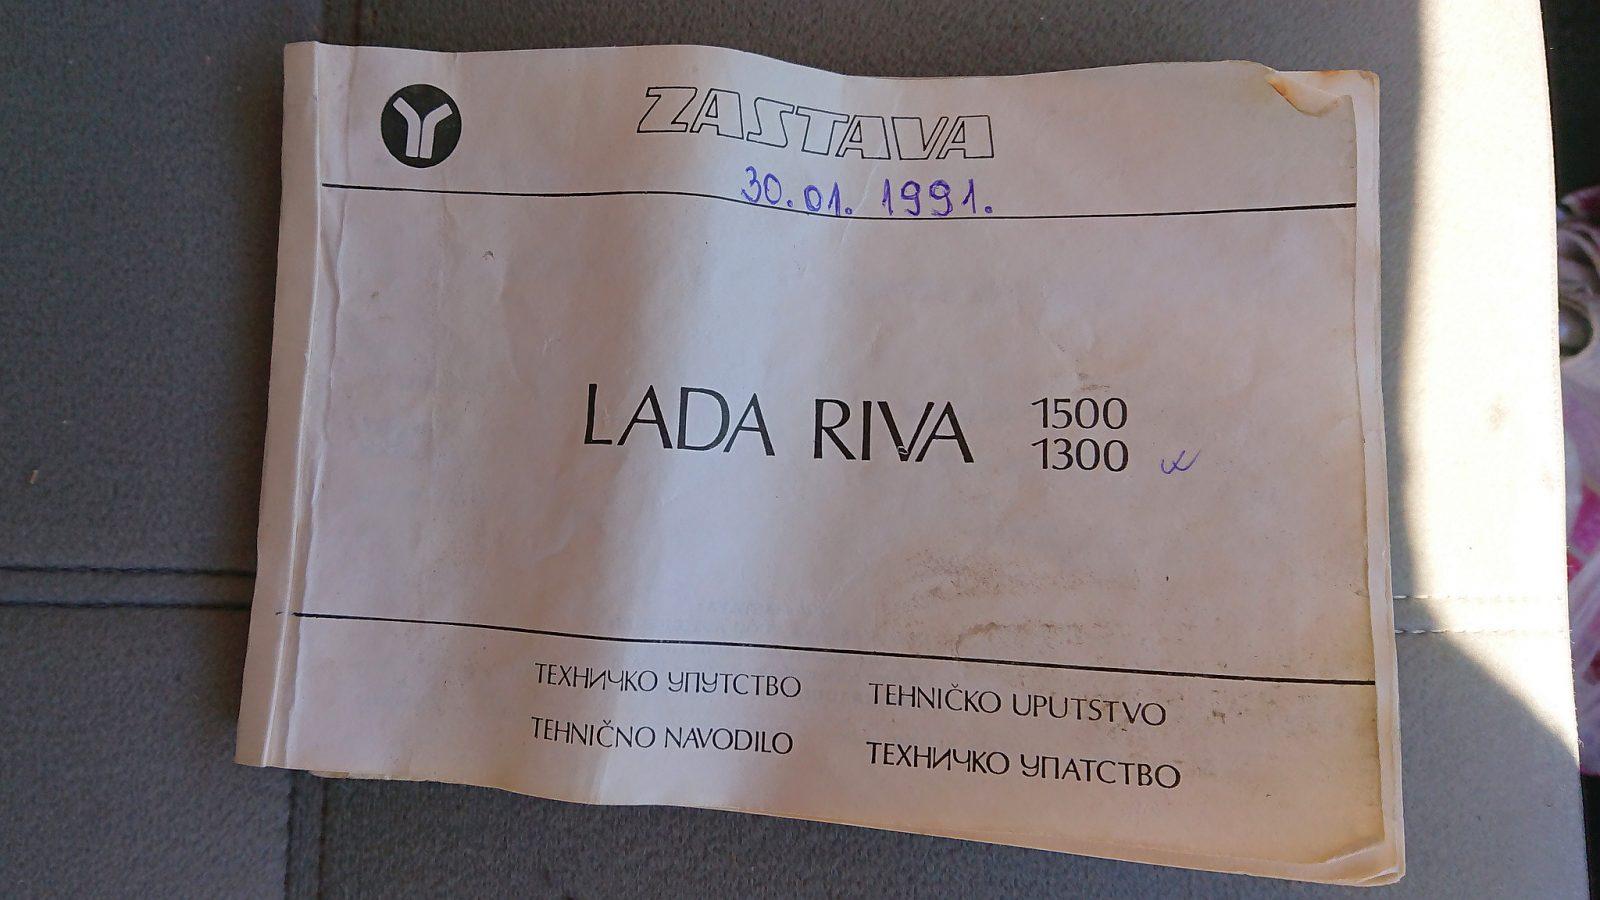 Die originale Bedienungsanleitung des Zastava-Vertriebs in vier Sprachen